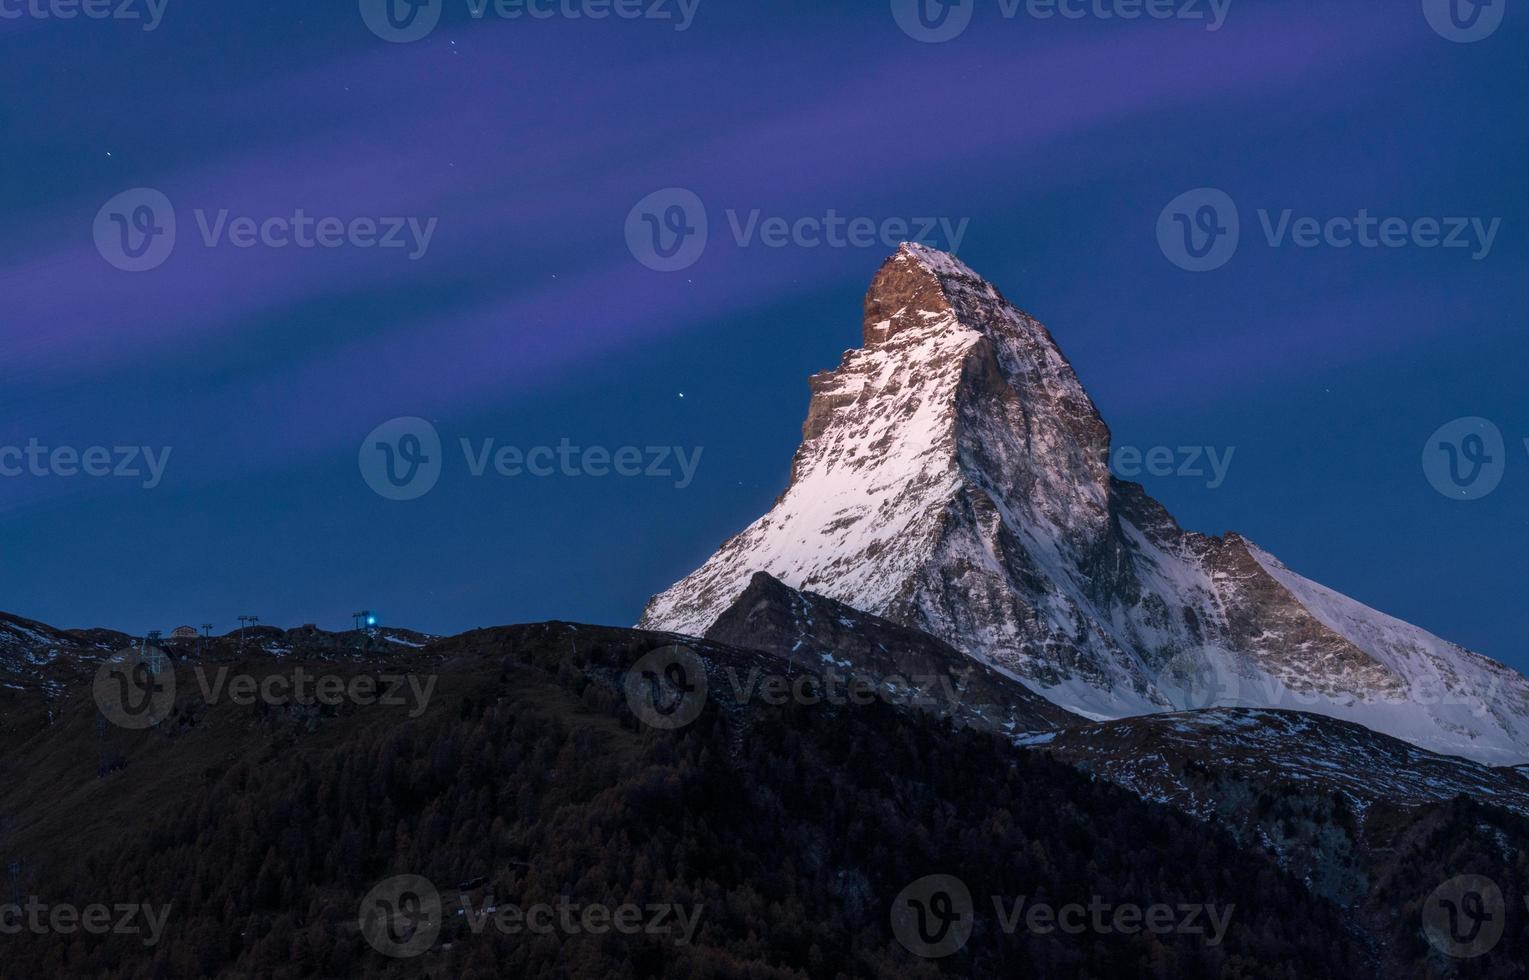 Matterhorn Zermatt by night photo